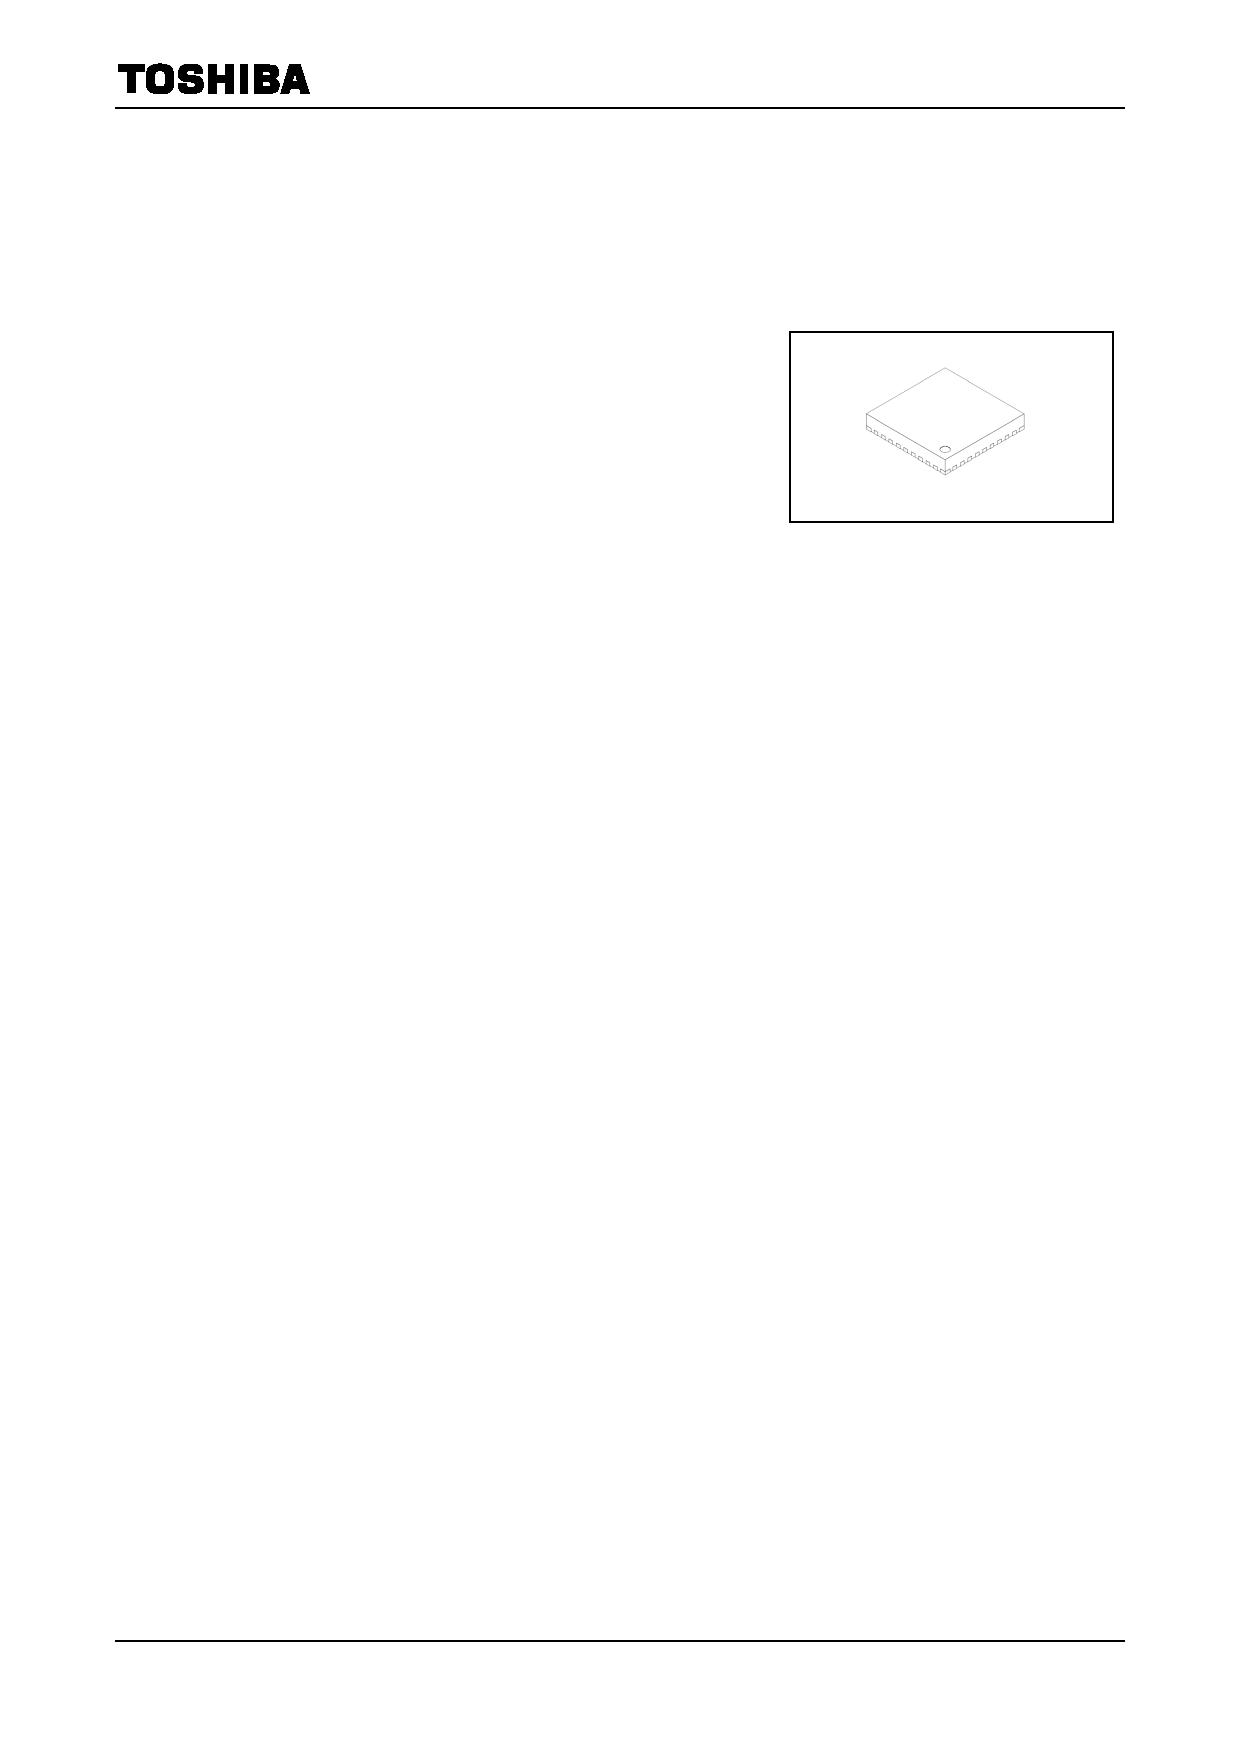 TB62262FTAG 데이터시트 및 TB62262FTAG PDF